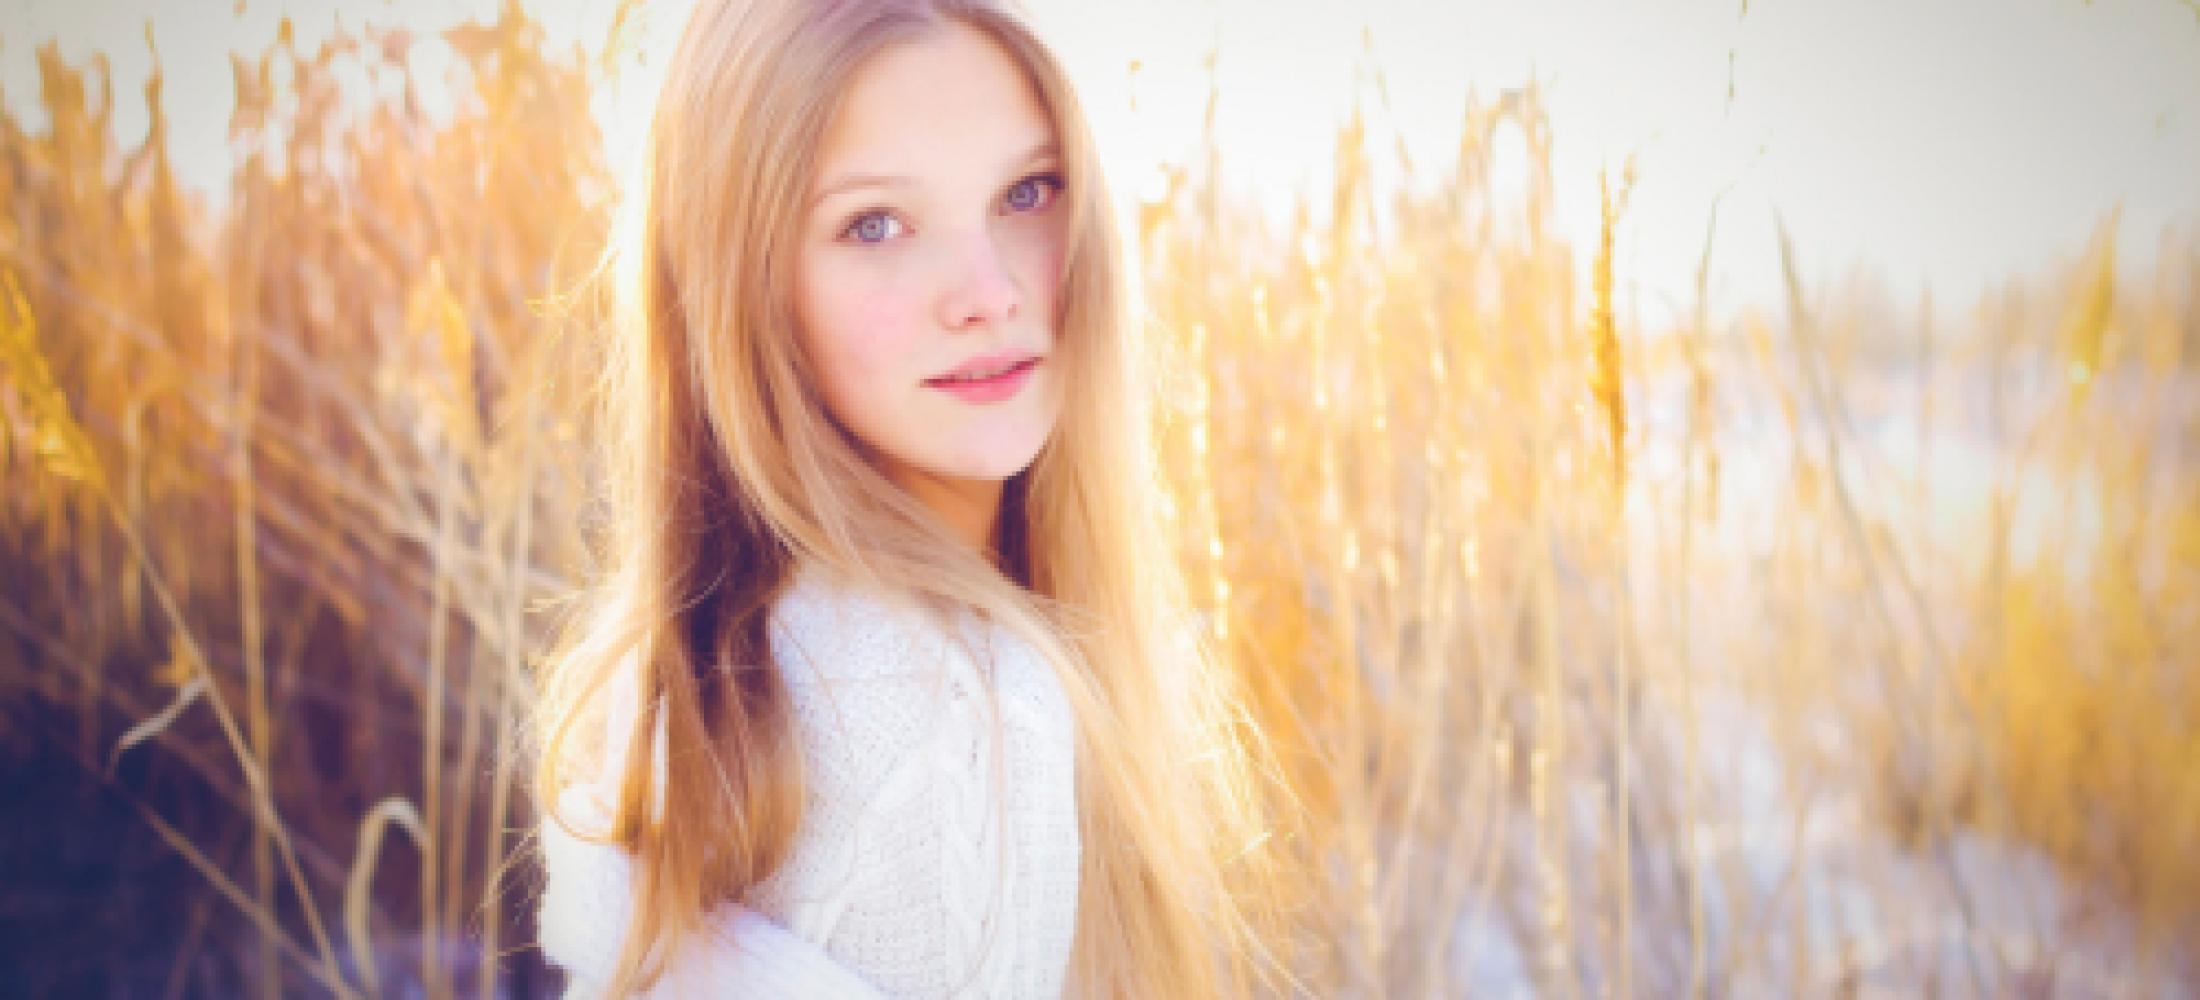 О прекрасных славянских девушках. Благородная кровь